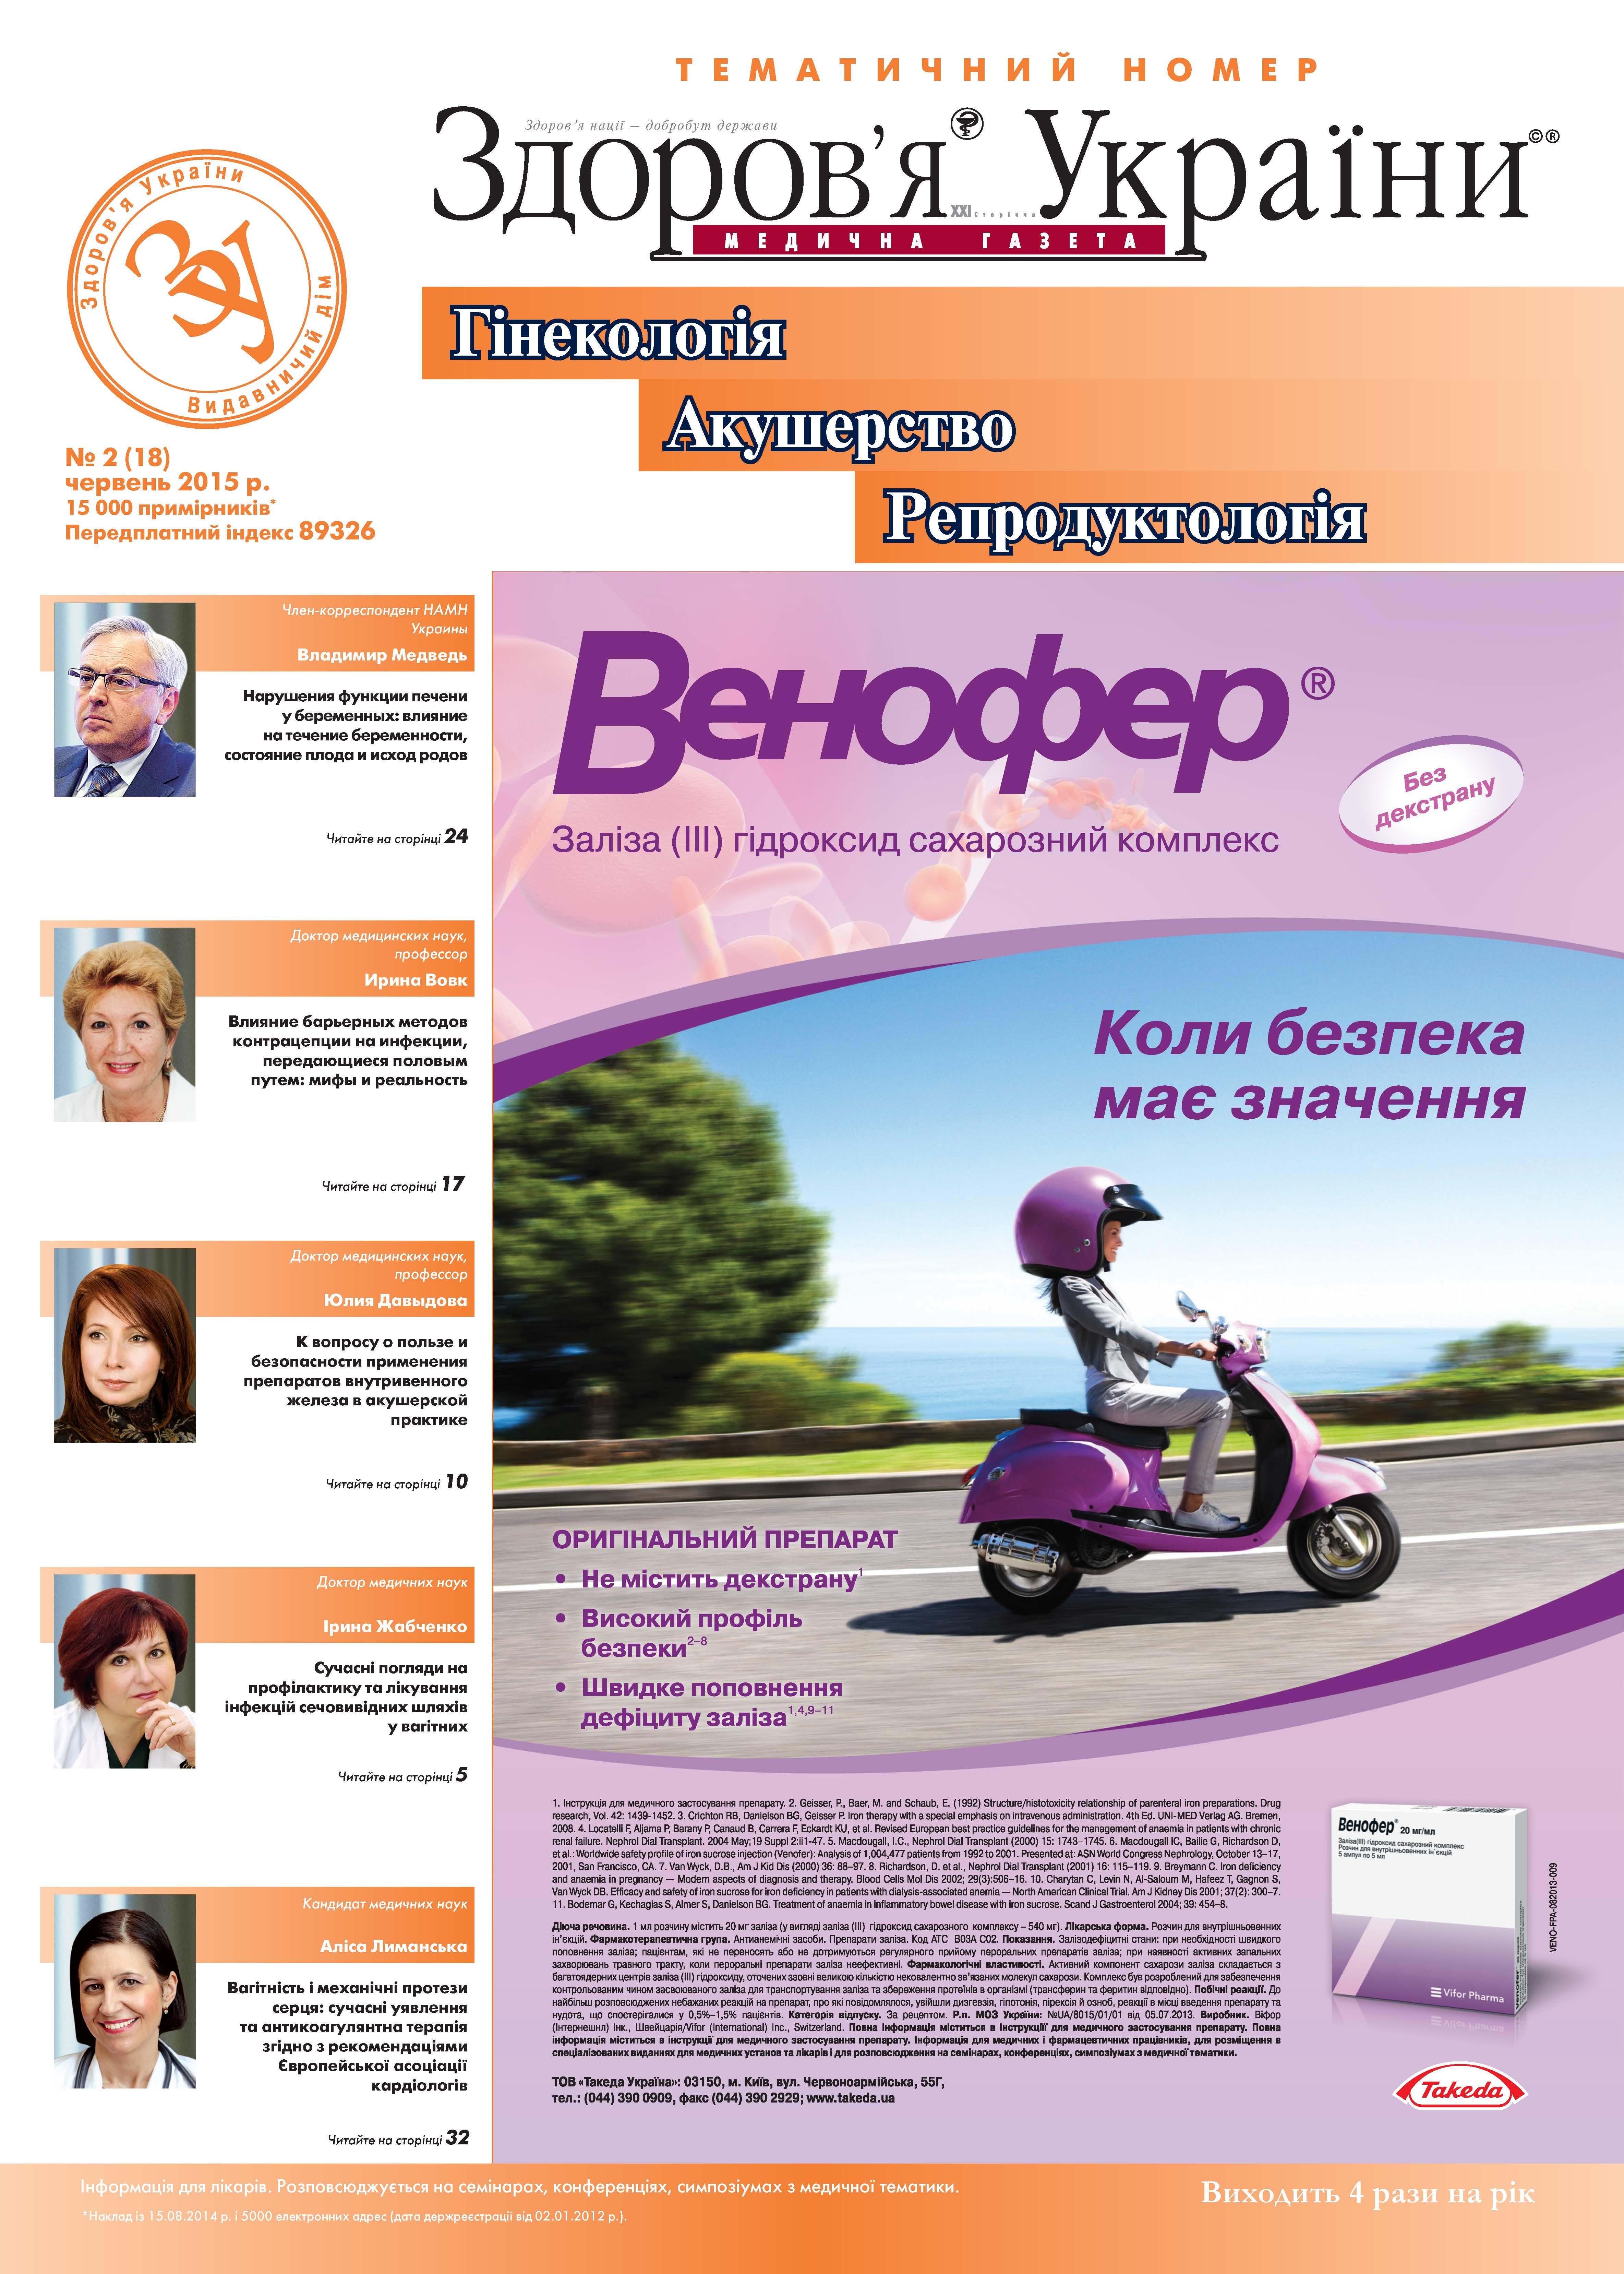 Тематичний номер «Гінекологія, Акушерство, Репродуктологія» № 2 (18) червень 2015 р.